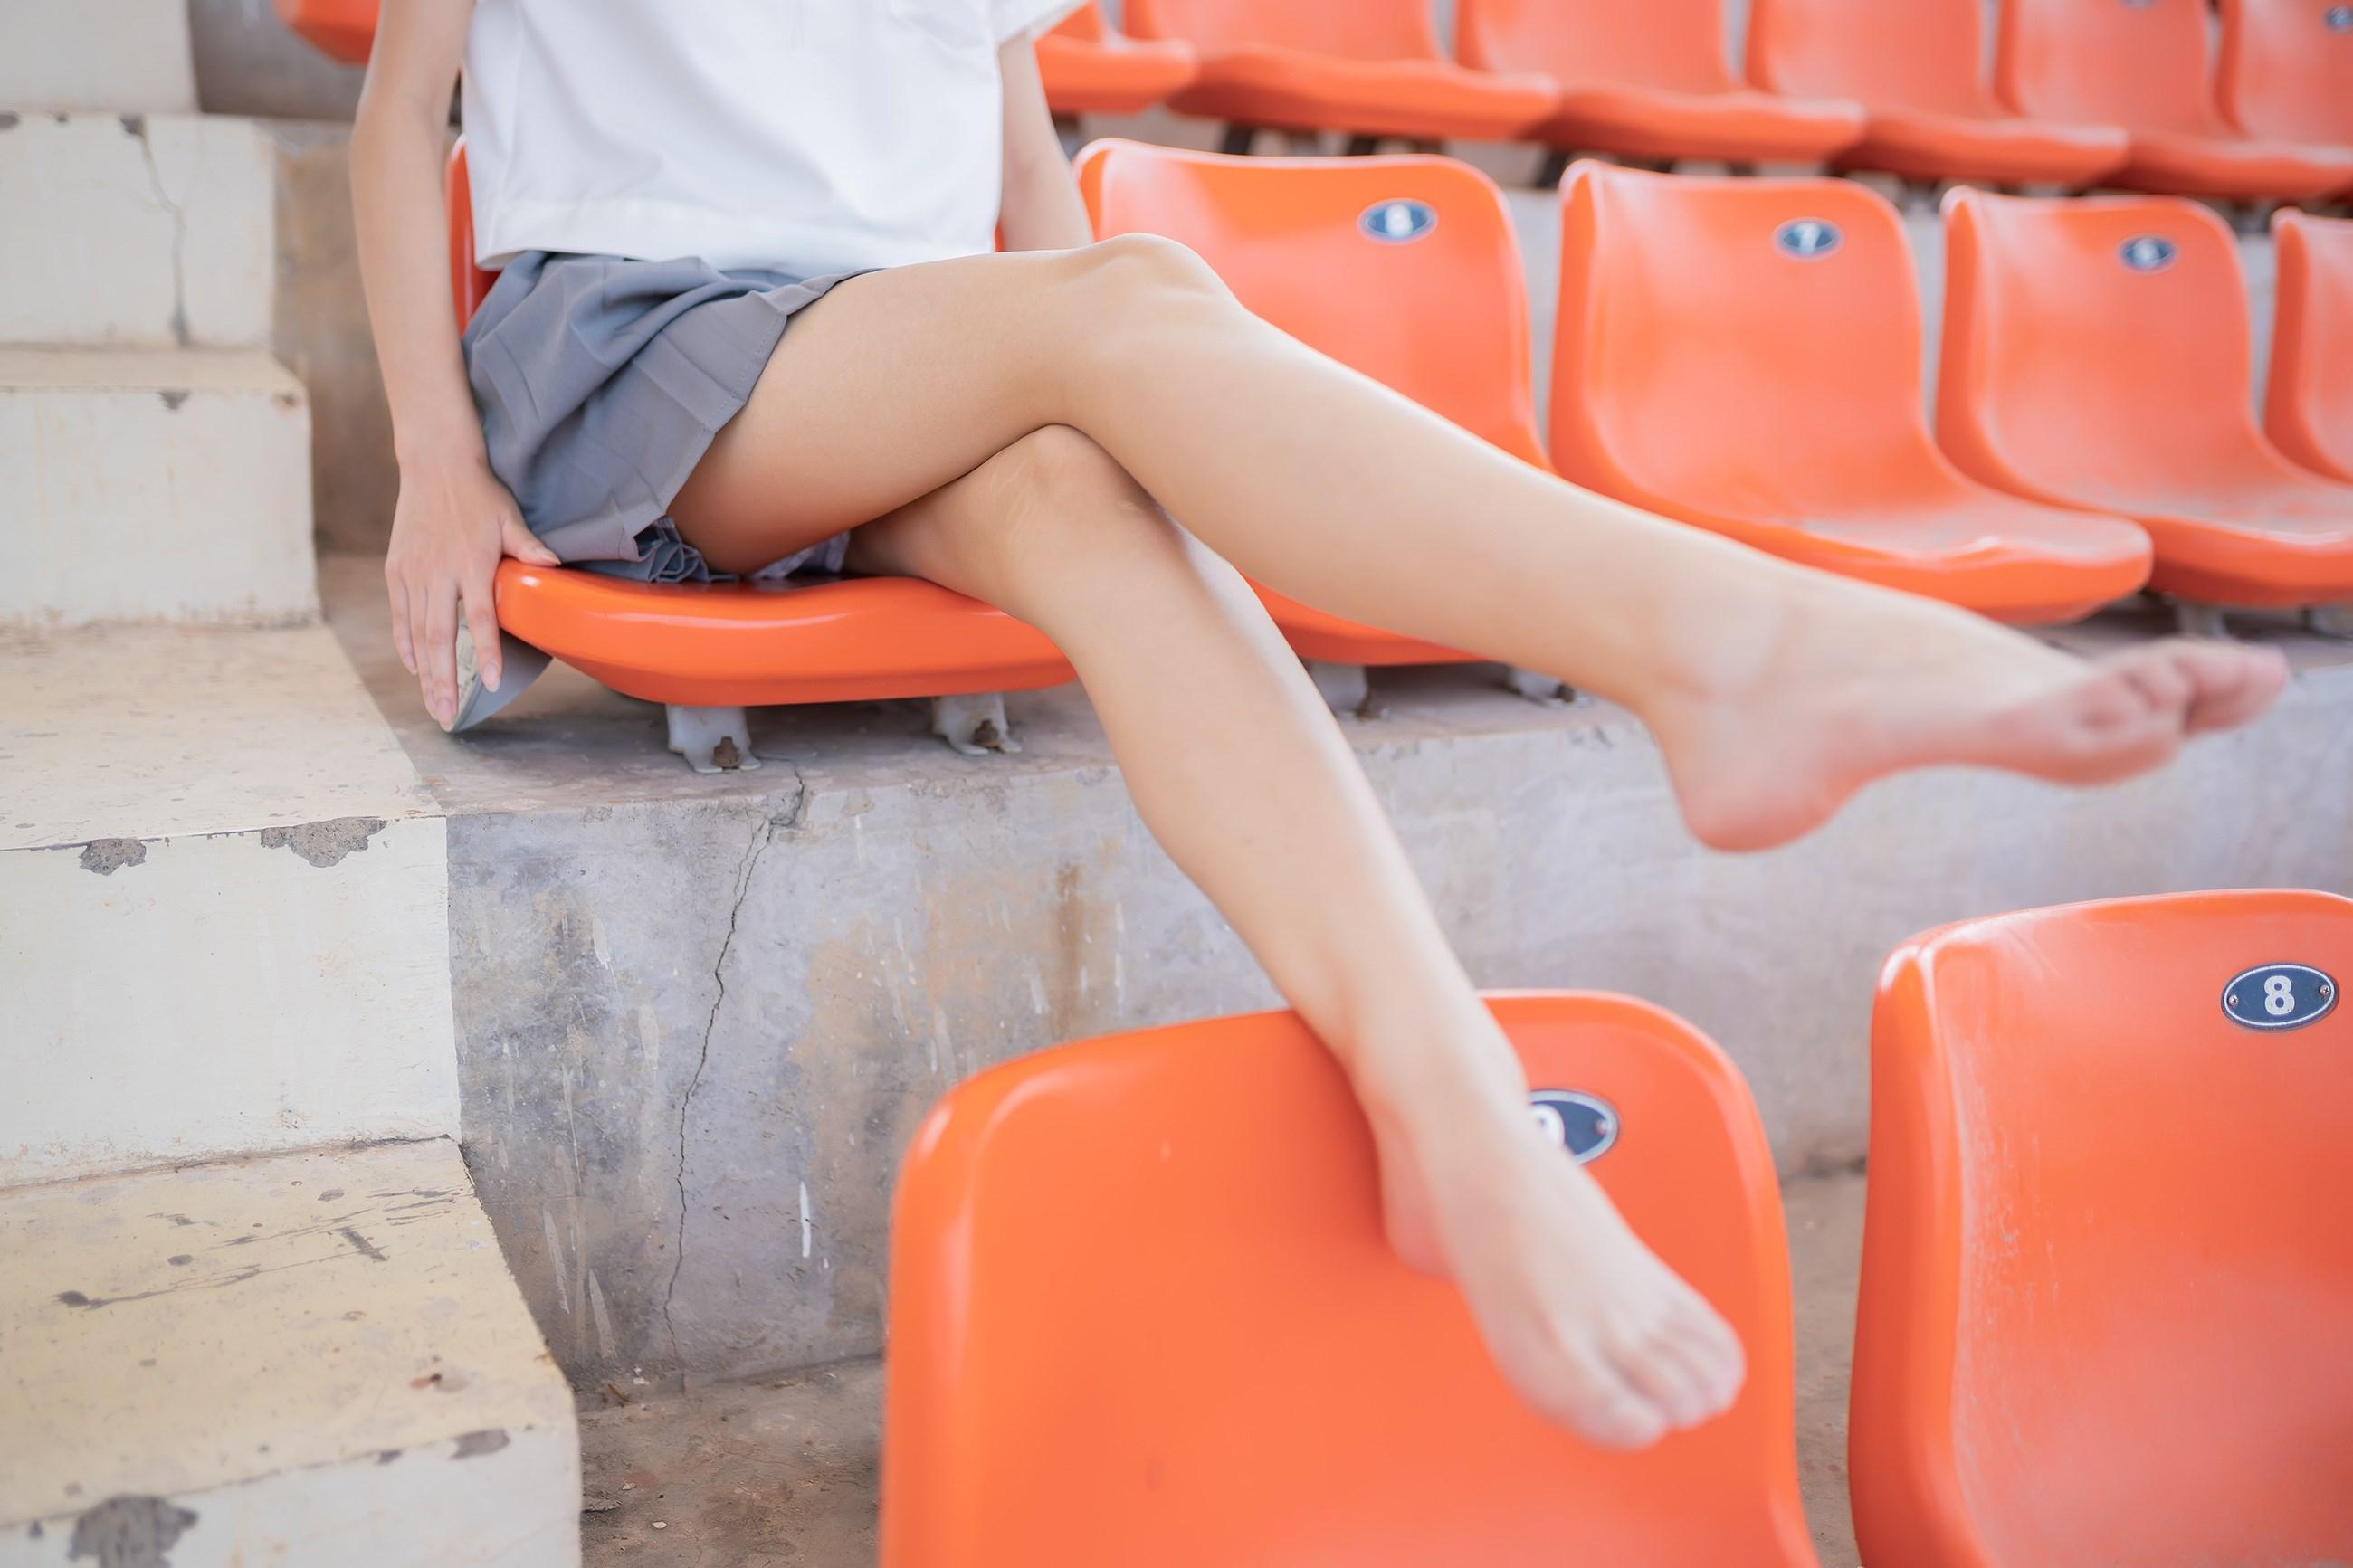 【兔玩映画】看台上的果腿少女 兔玩映画 第25张